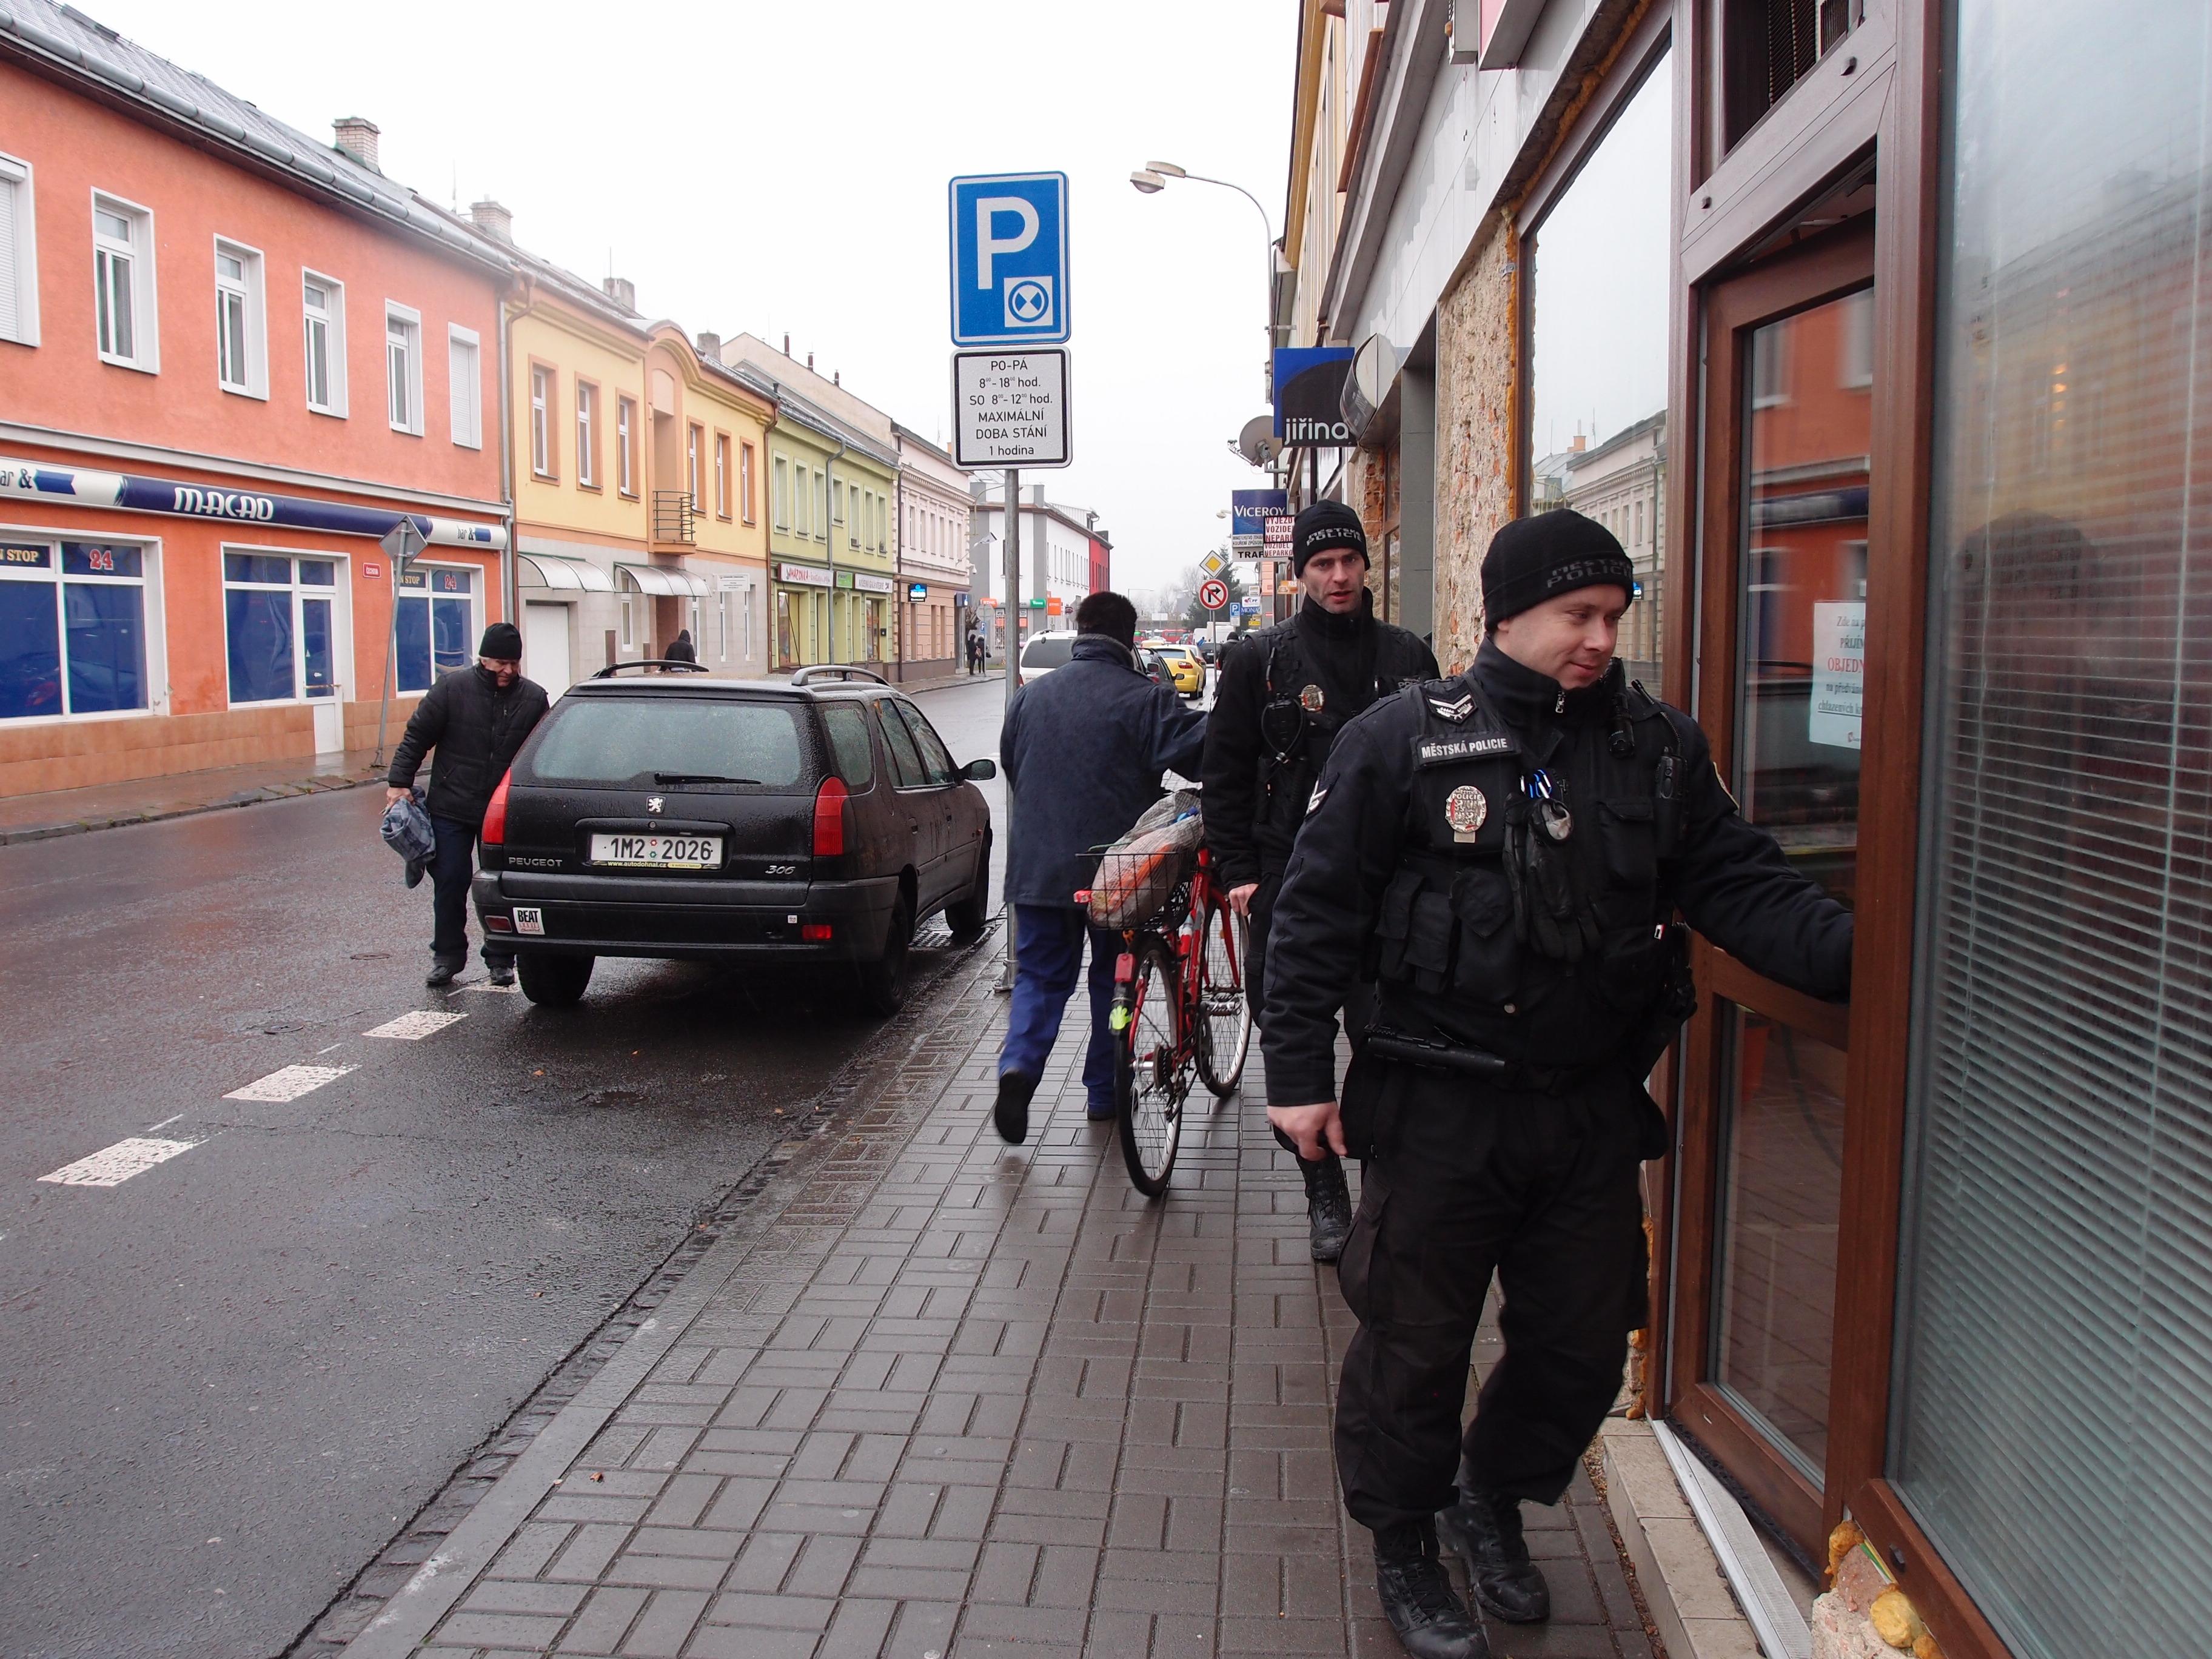 Městští policisté od 1. prosince monitorují přednádražní čtvrť., obrázek se otevře v novém okně